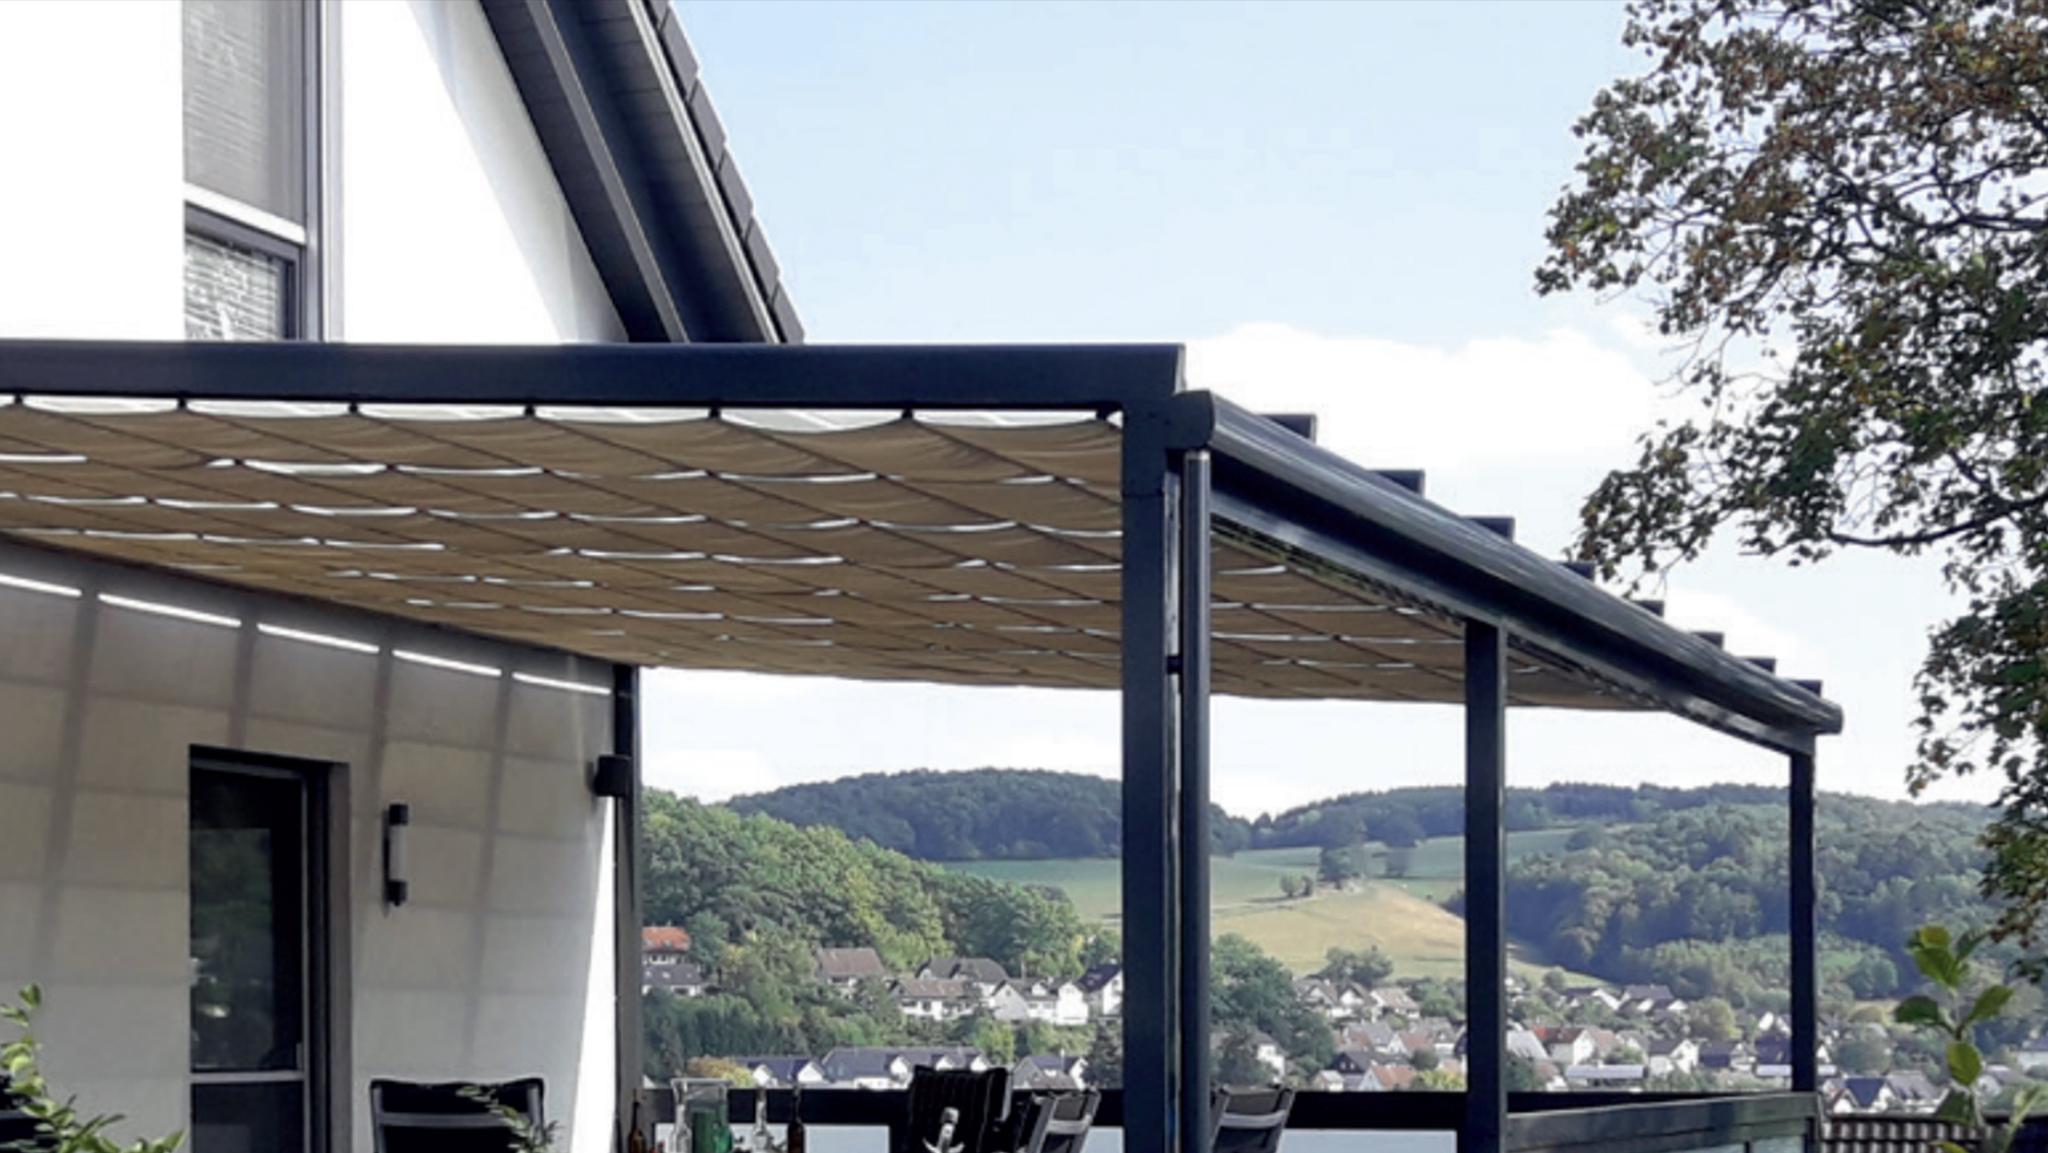 SAP-Metallbau_Terrassendach_Beschattung